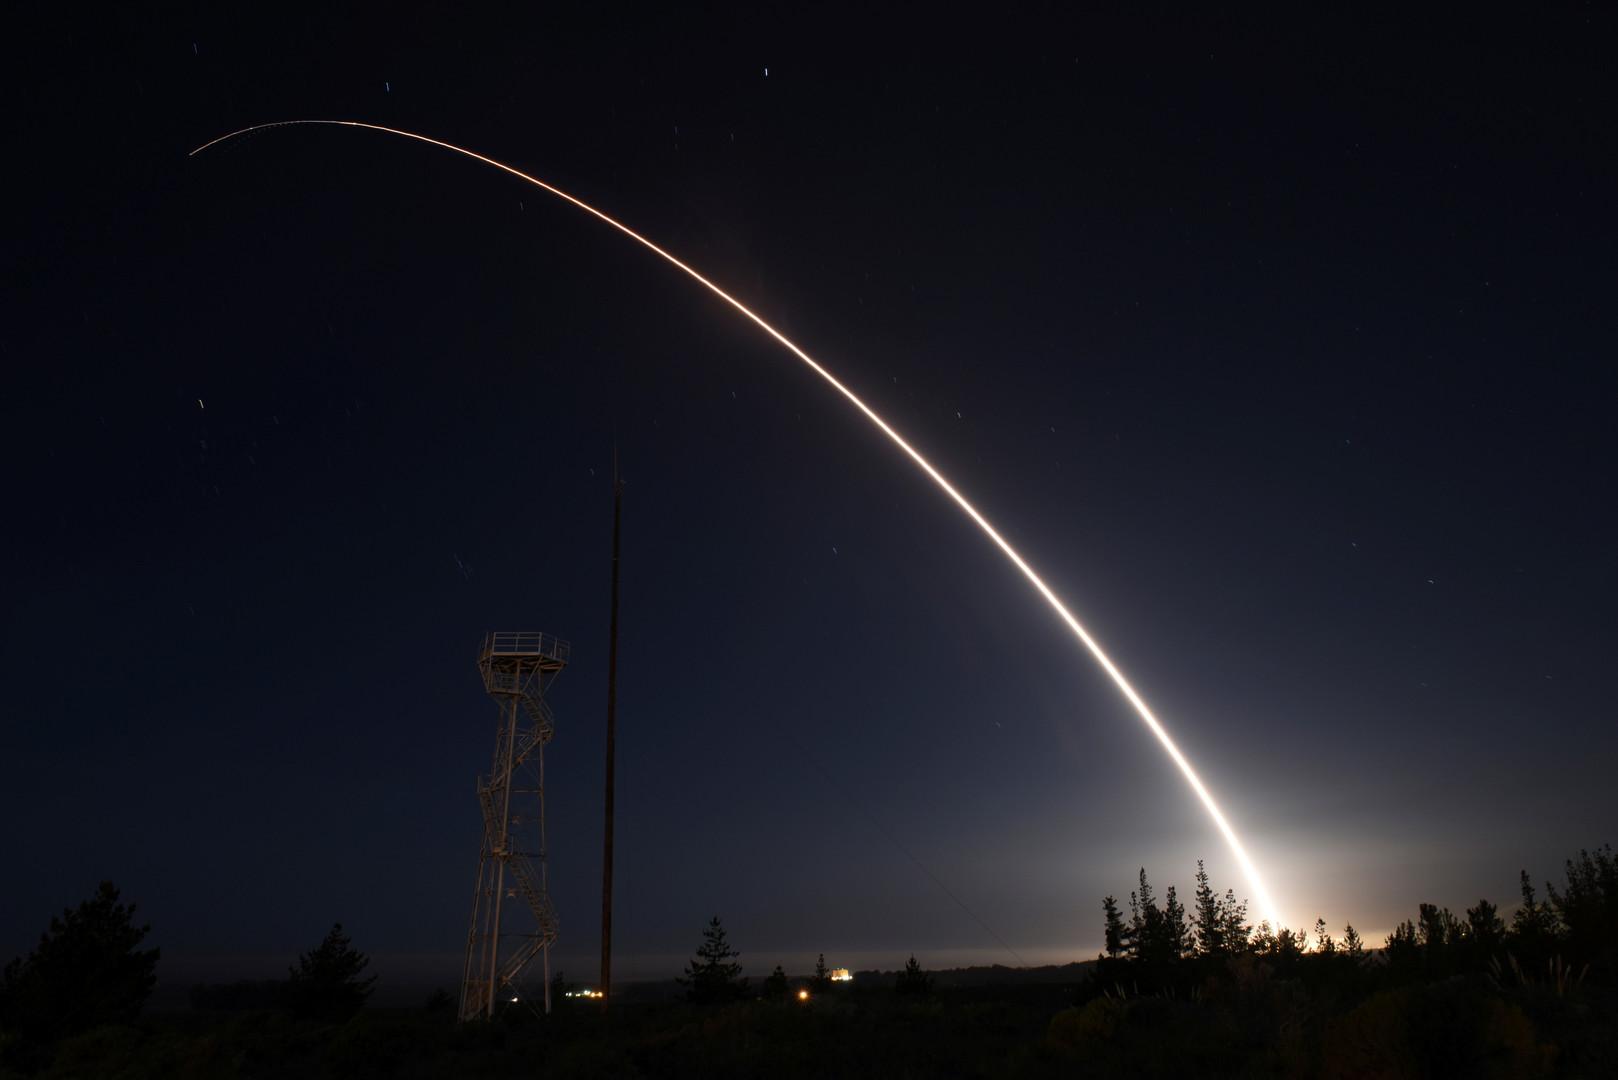 كيف سترد الصين على نشر صواريخ أمريكية عند حدودها؟